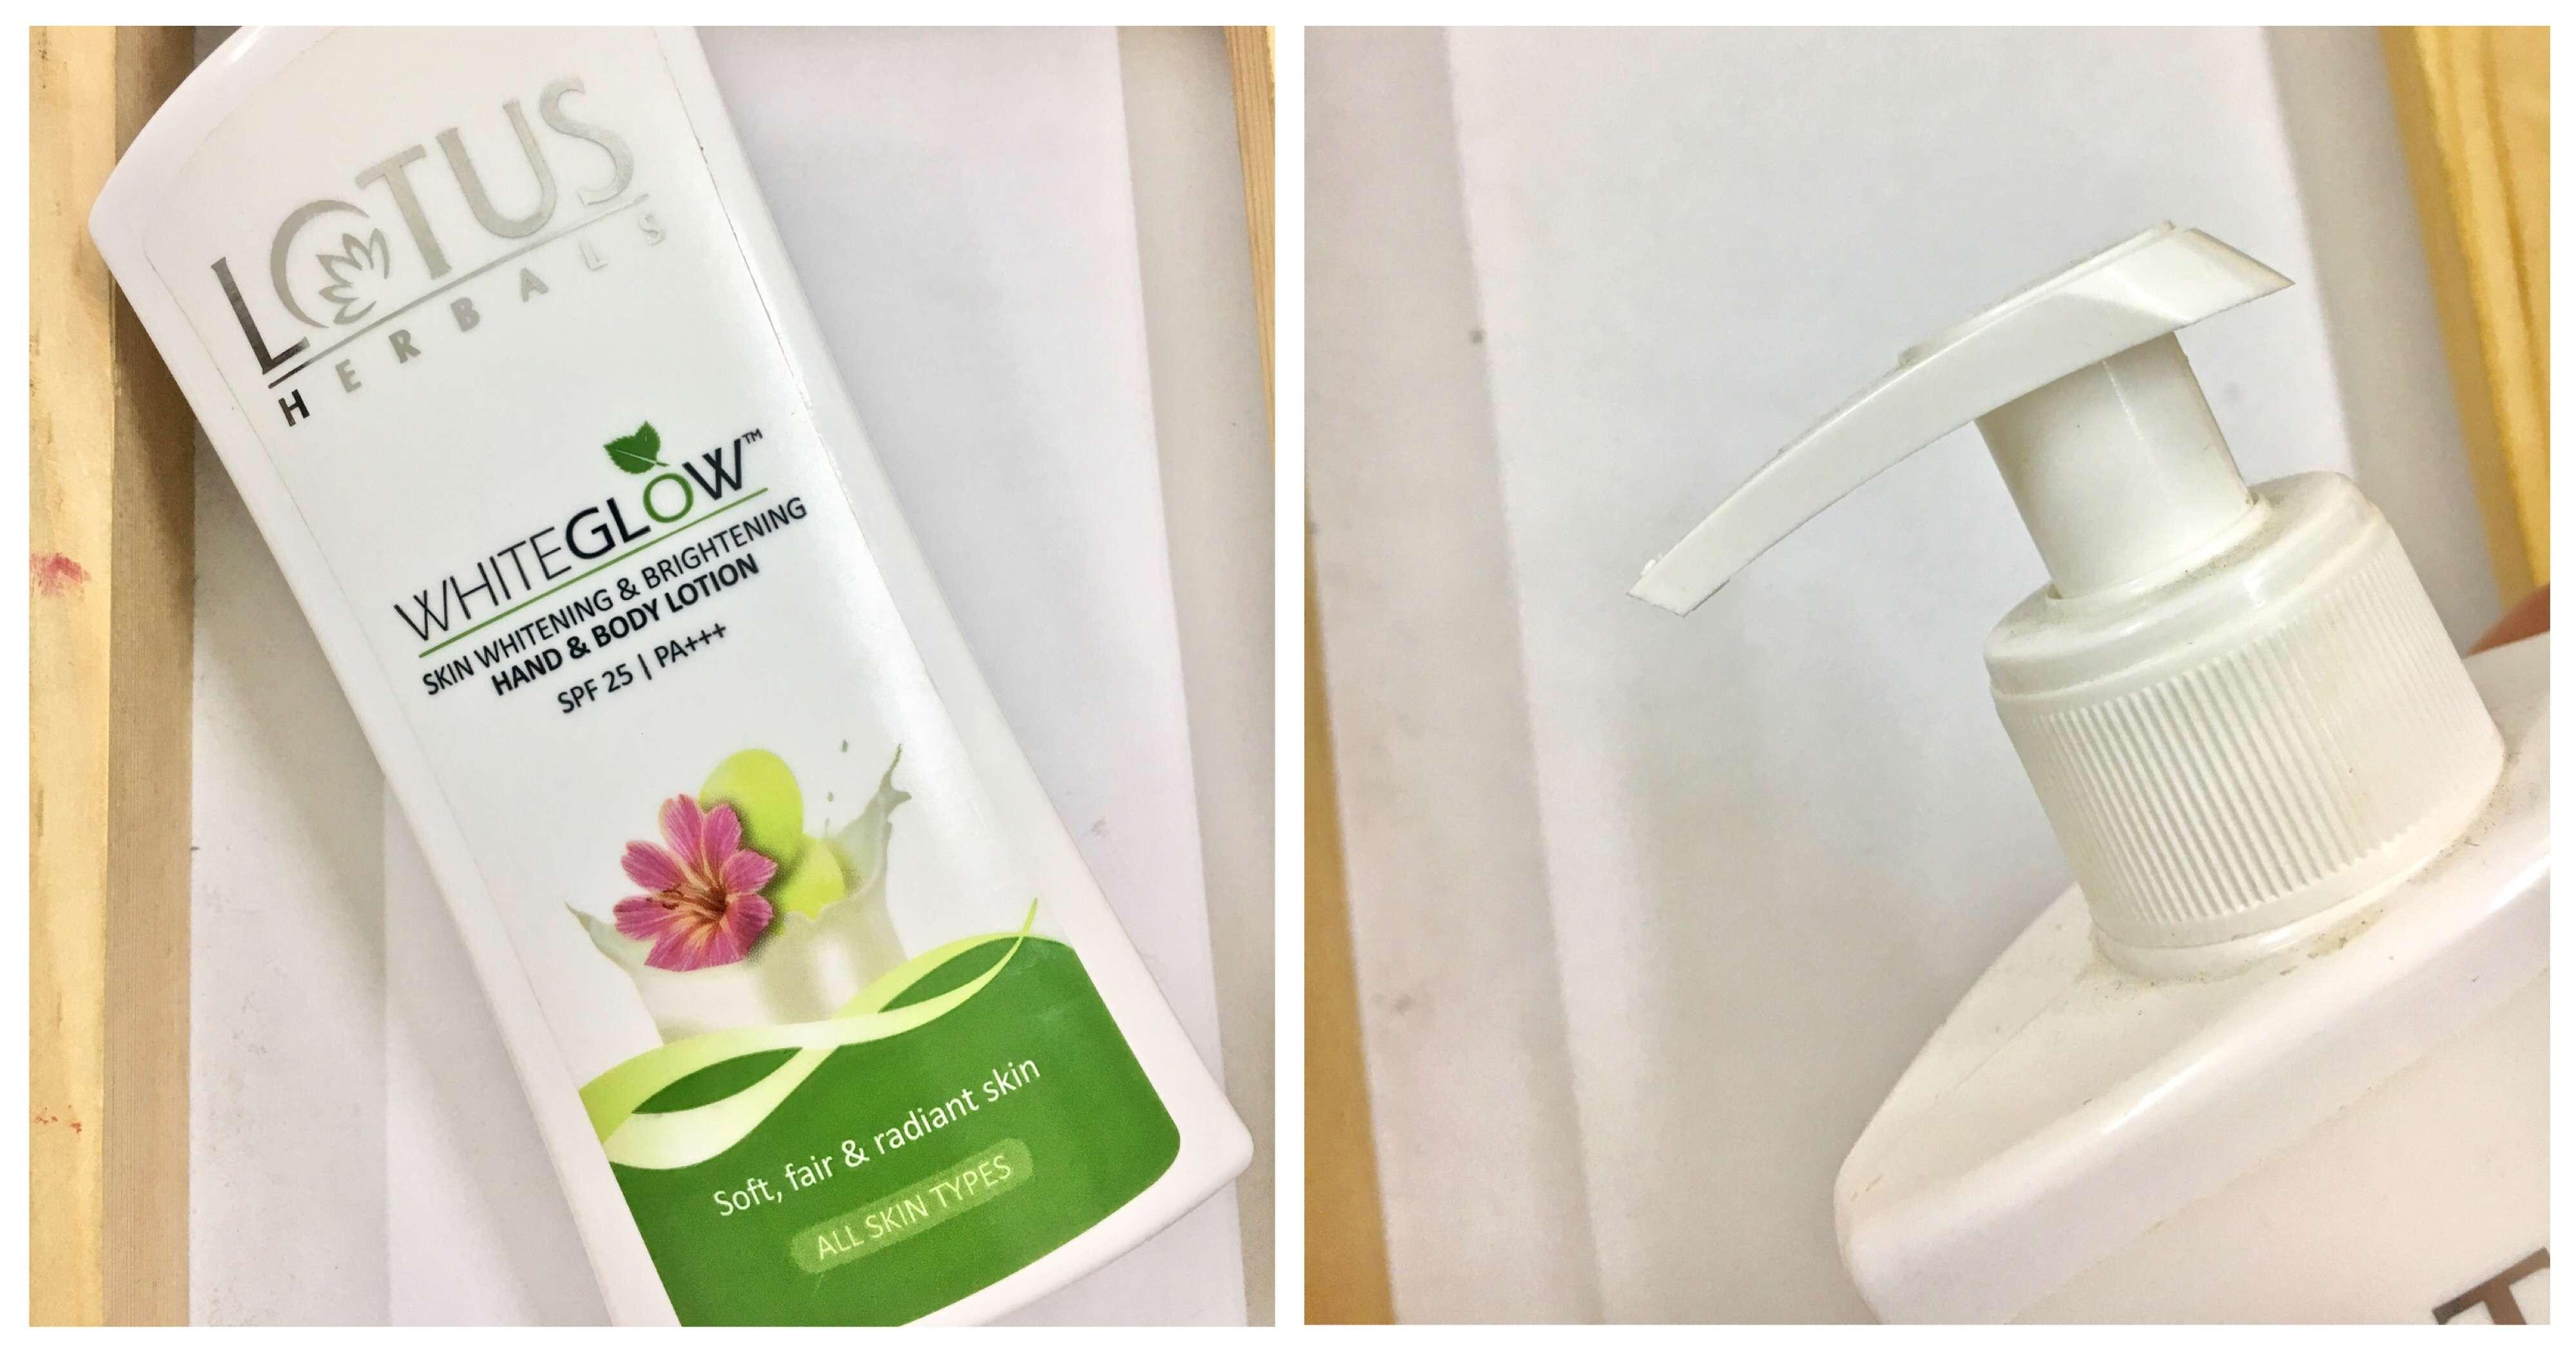 Lotus Herbals WhiteGlow Skin Whitening & Brightening Body Lotion SPF-25